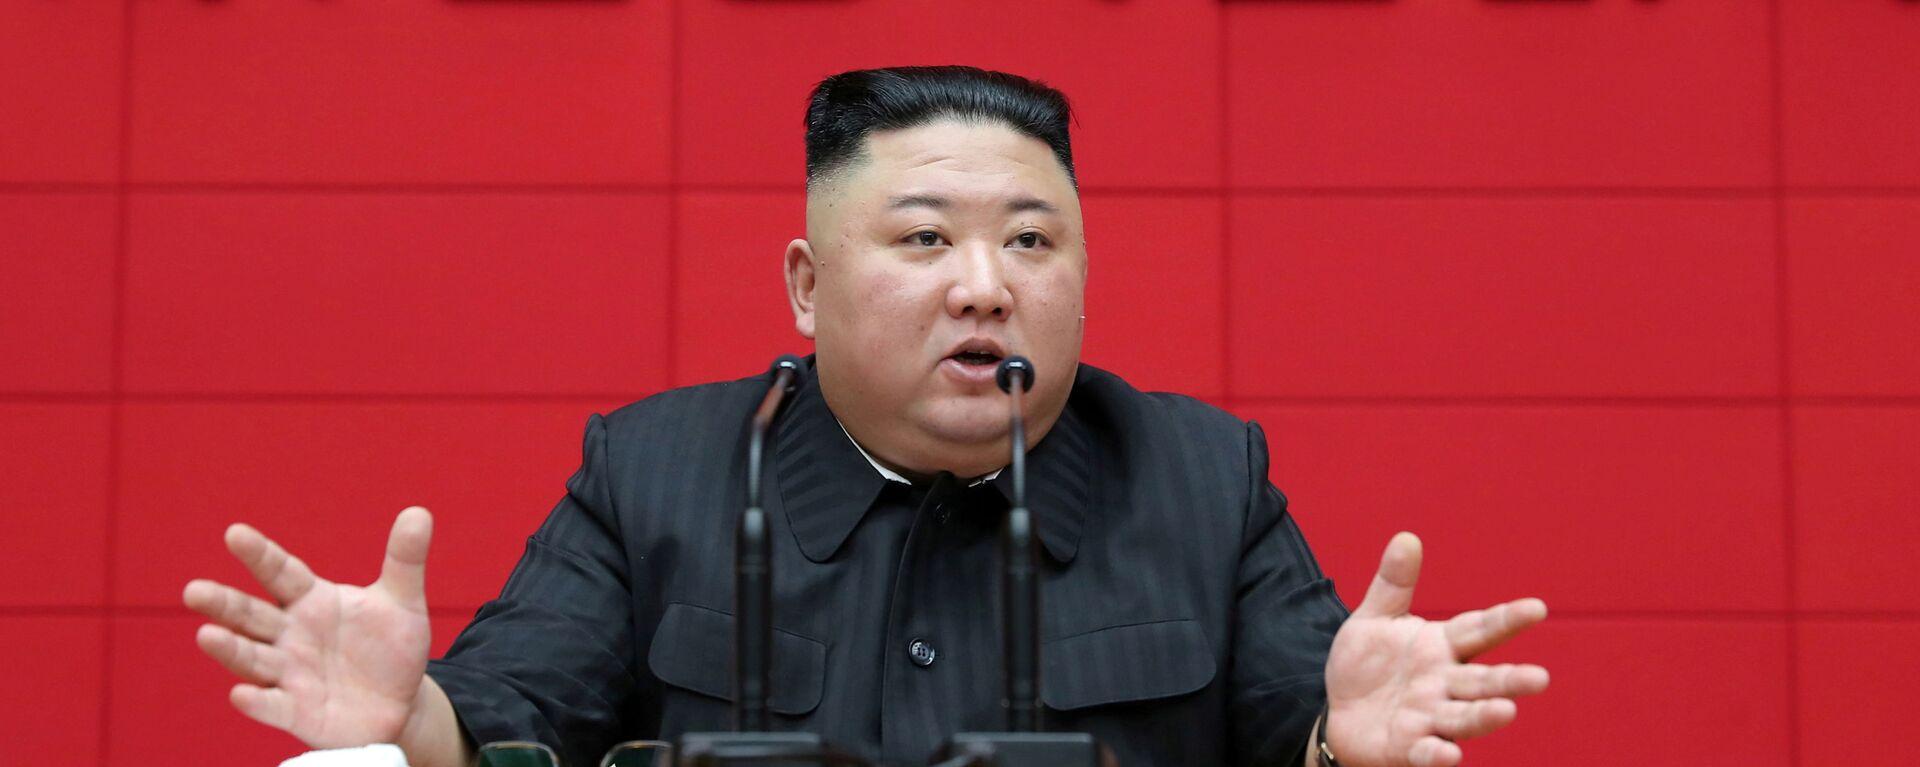 Il leader nordcorenano Kim Jong Un  - Sputnik Italia, 1920, 14.03.2021